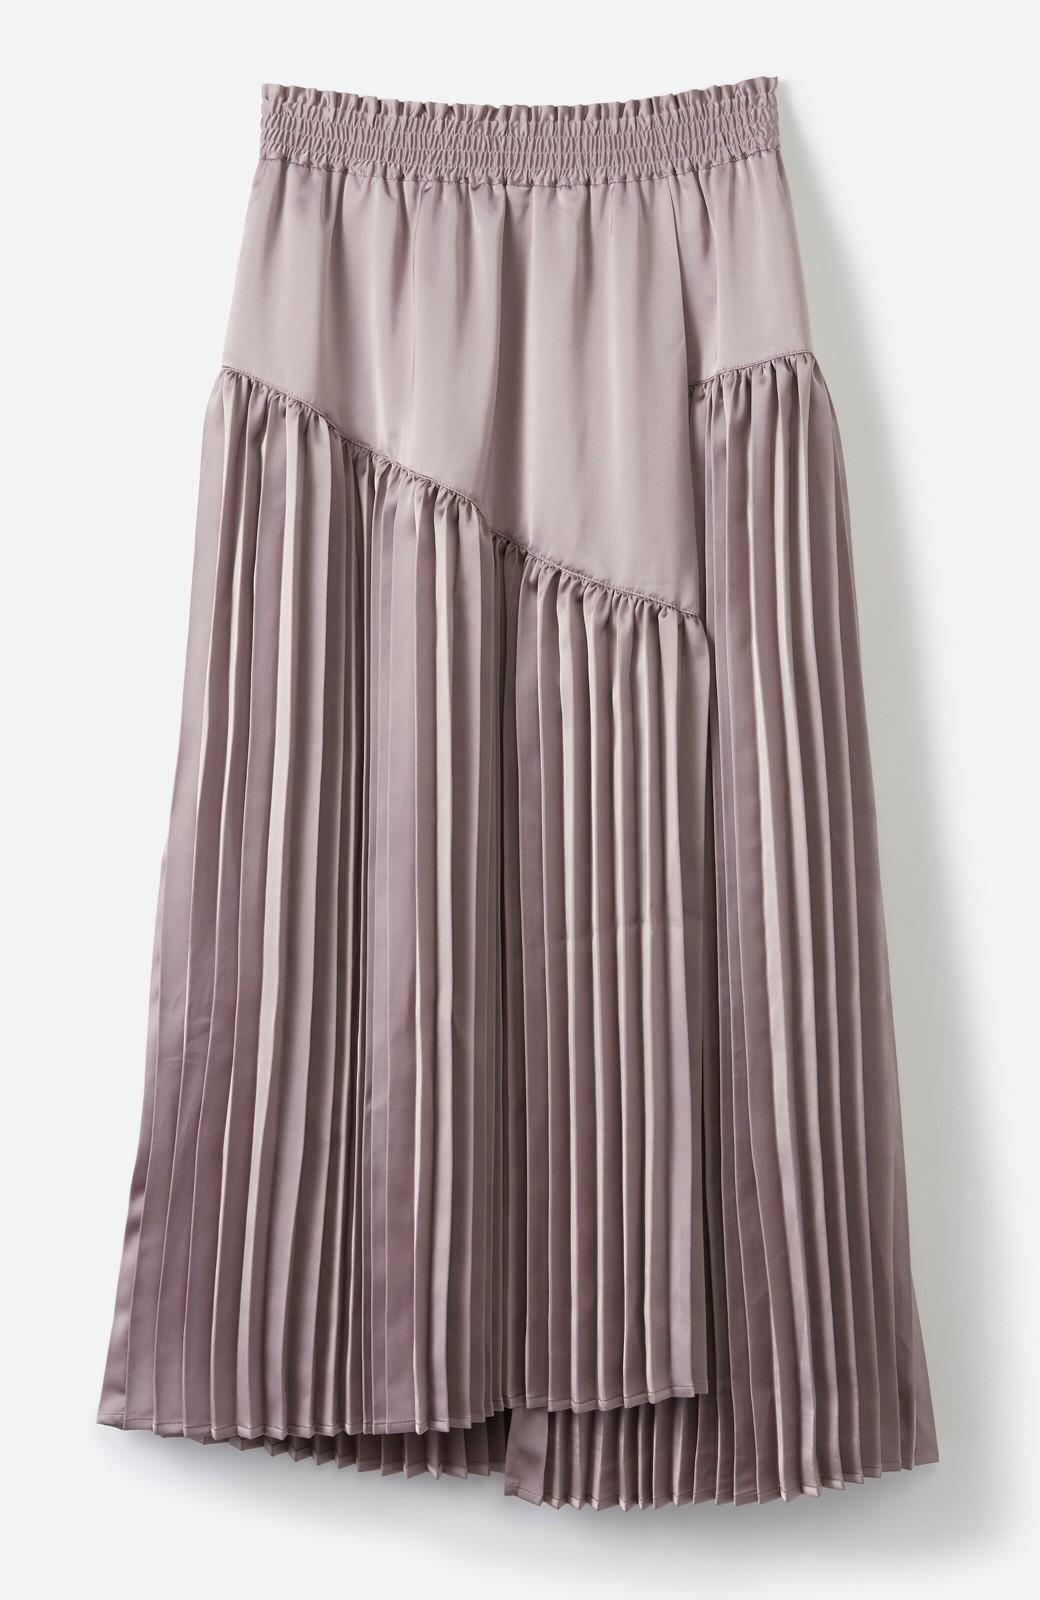 haco! 【スザンヌさんコラボ】スウェットもTシャツも着映えさせる!ラップデザイン風アシンメトリーサテンプリーツスカート by LOVE&PEACE PROJECT <スモークピンク>の商品写真7